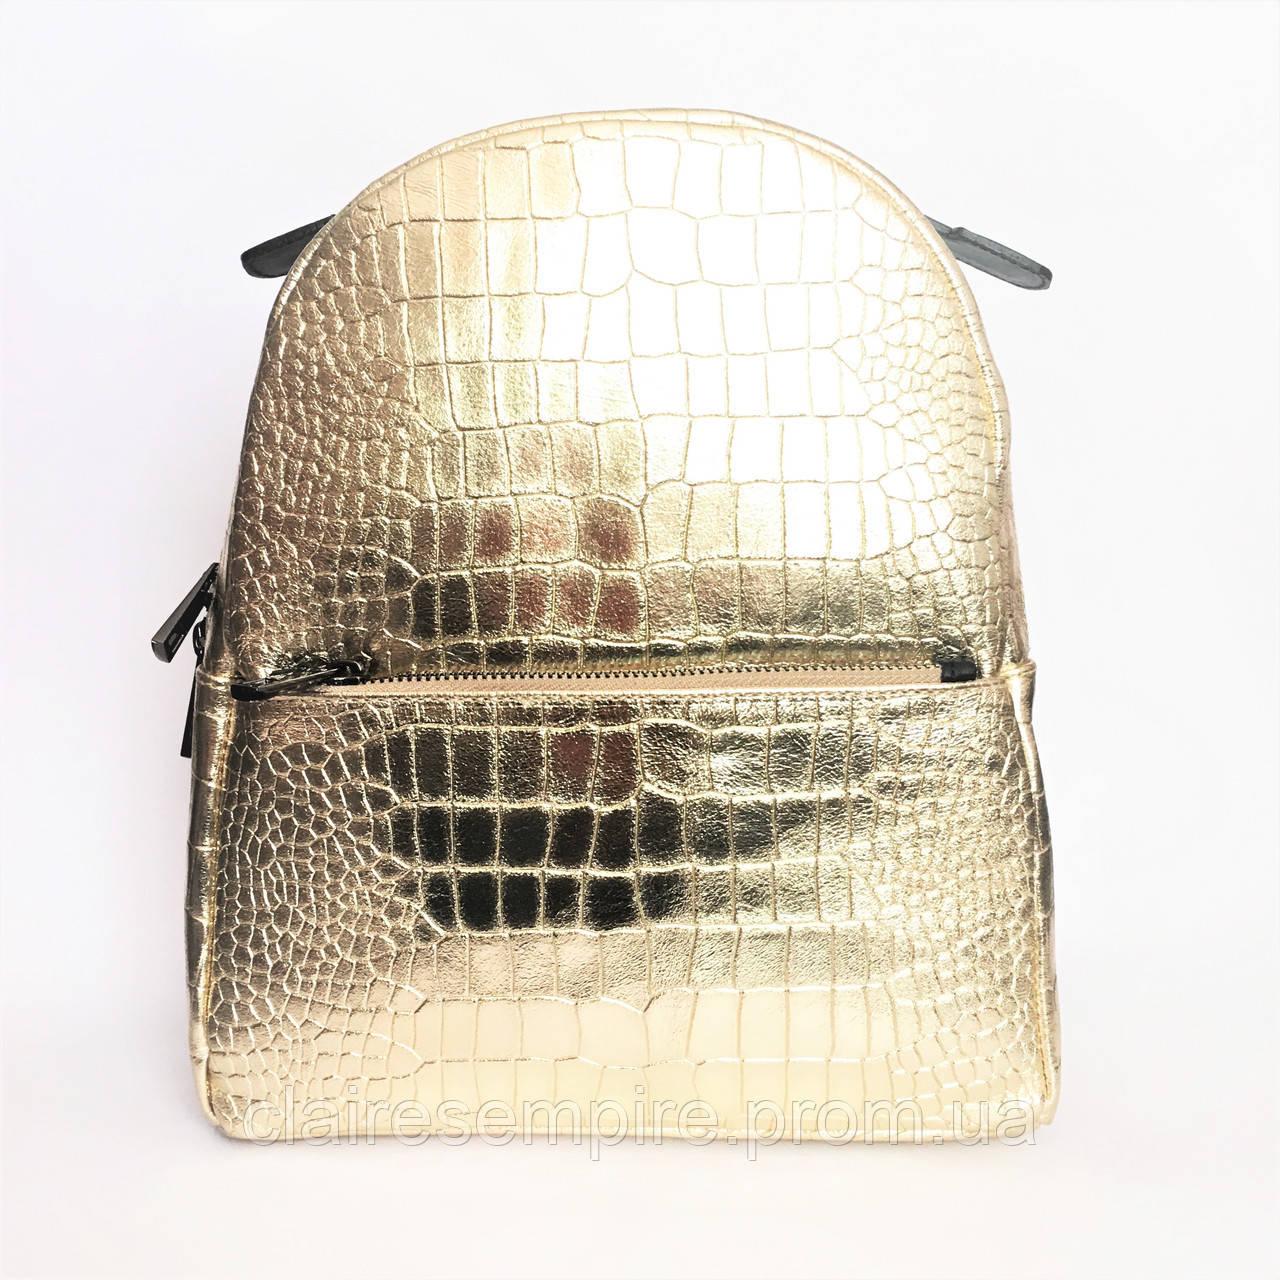 Рюкзак кожаный, Италия, gold, цена 1 690 грн., купить в Днепре ... b6810ef8afe